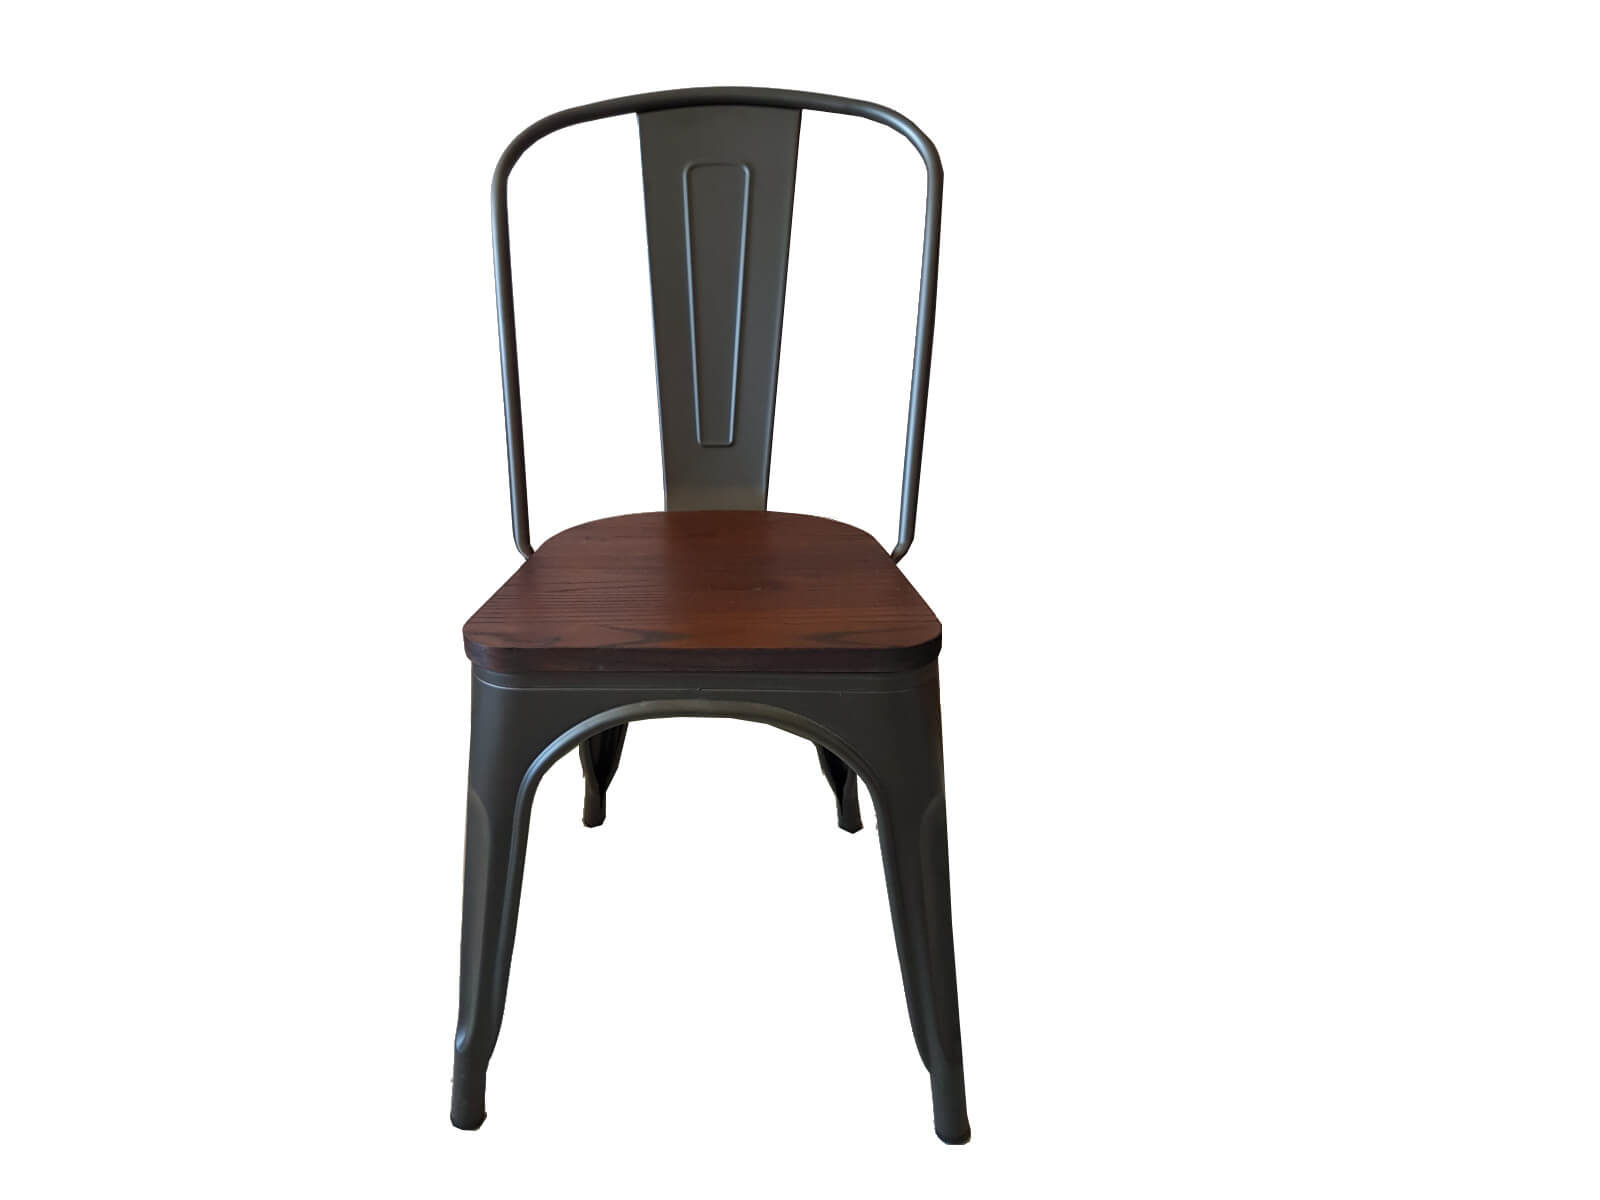 Chaise Bois Et Metal Industriel chaise bistrot métal et bois industrielle 'industry'